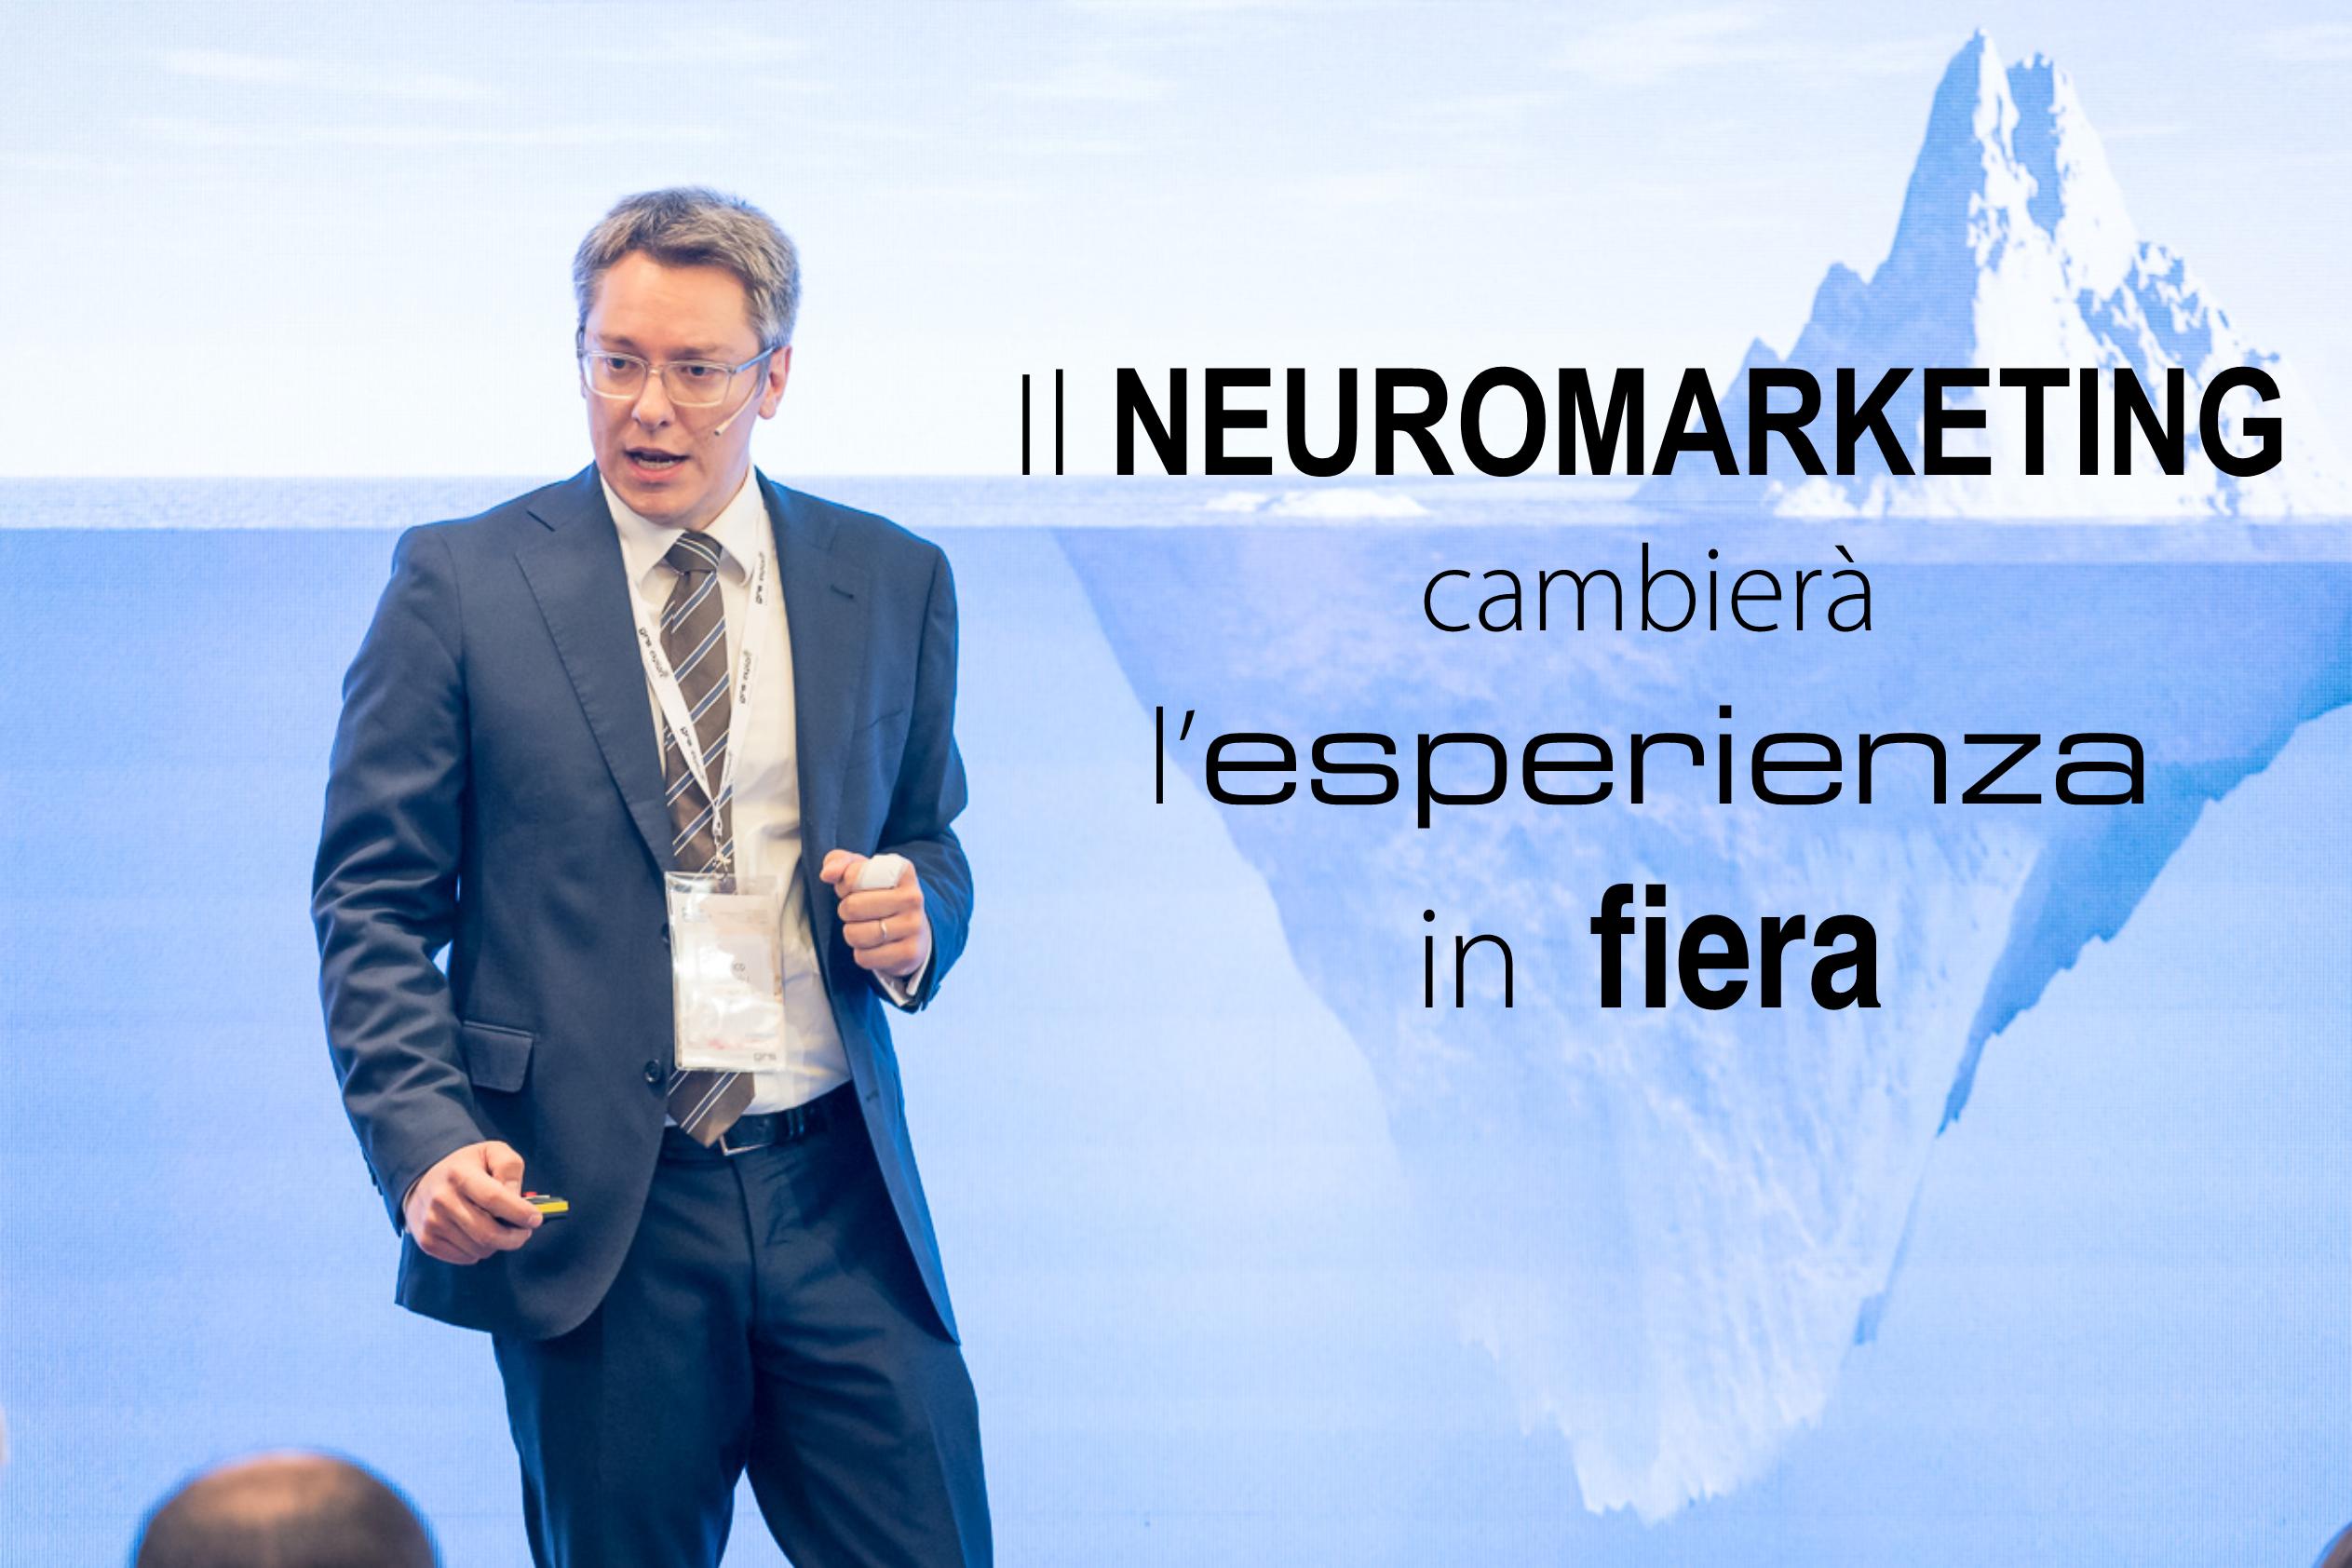 Enrico-Gallorini-il-neuromarketing-cambierà-l-esperienza-in-fiera